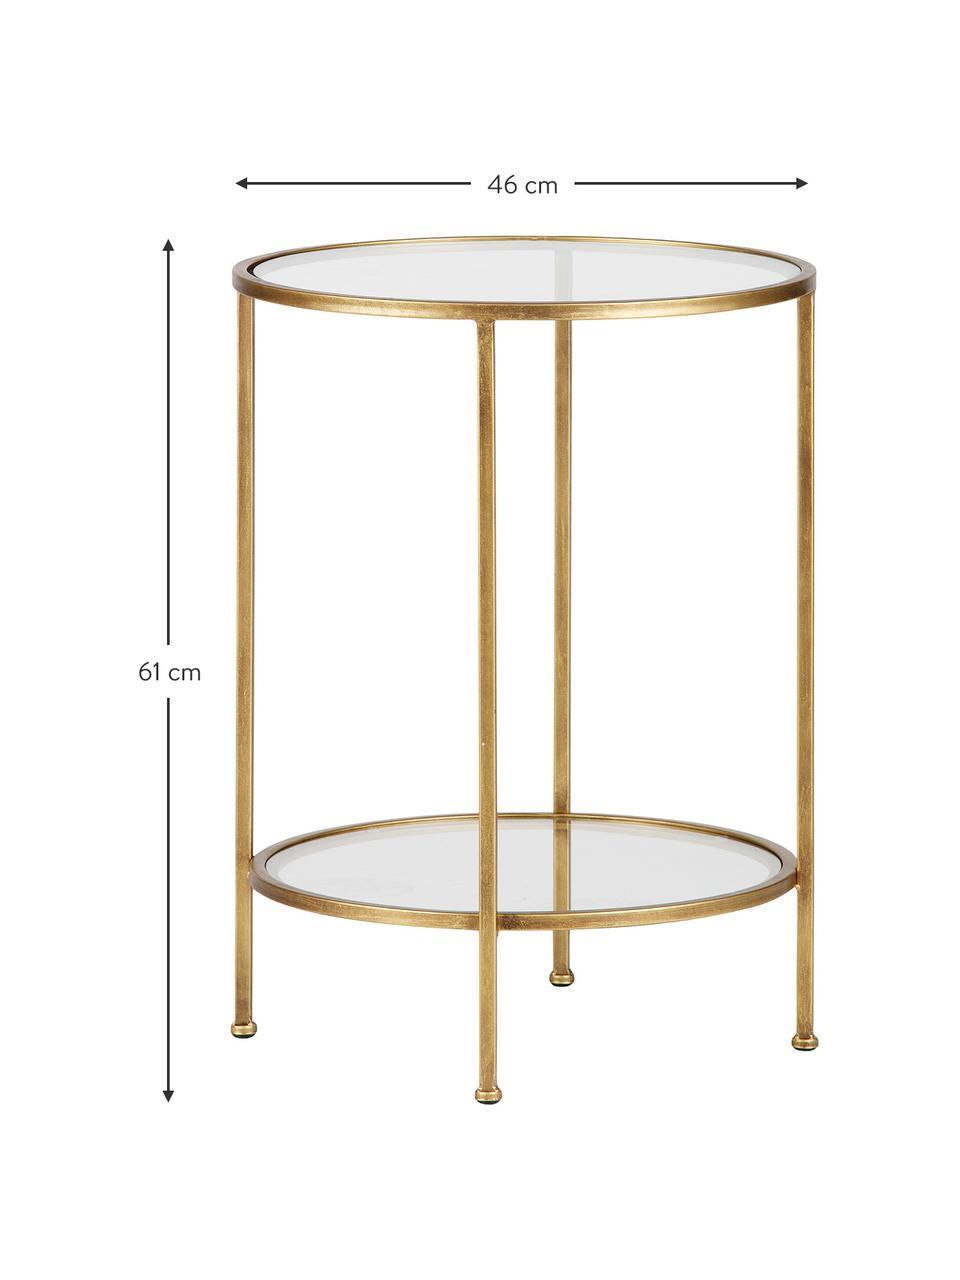 Table d'appoint en verre finition antiquaire Goddess, Structure: laiton, finition antiquaire Sol et plateau: transparent